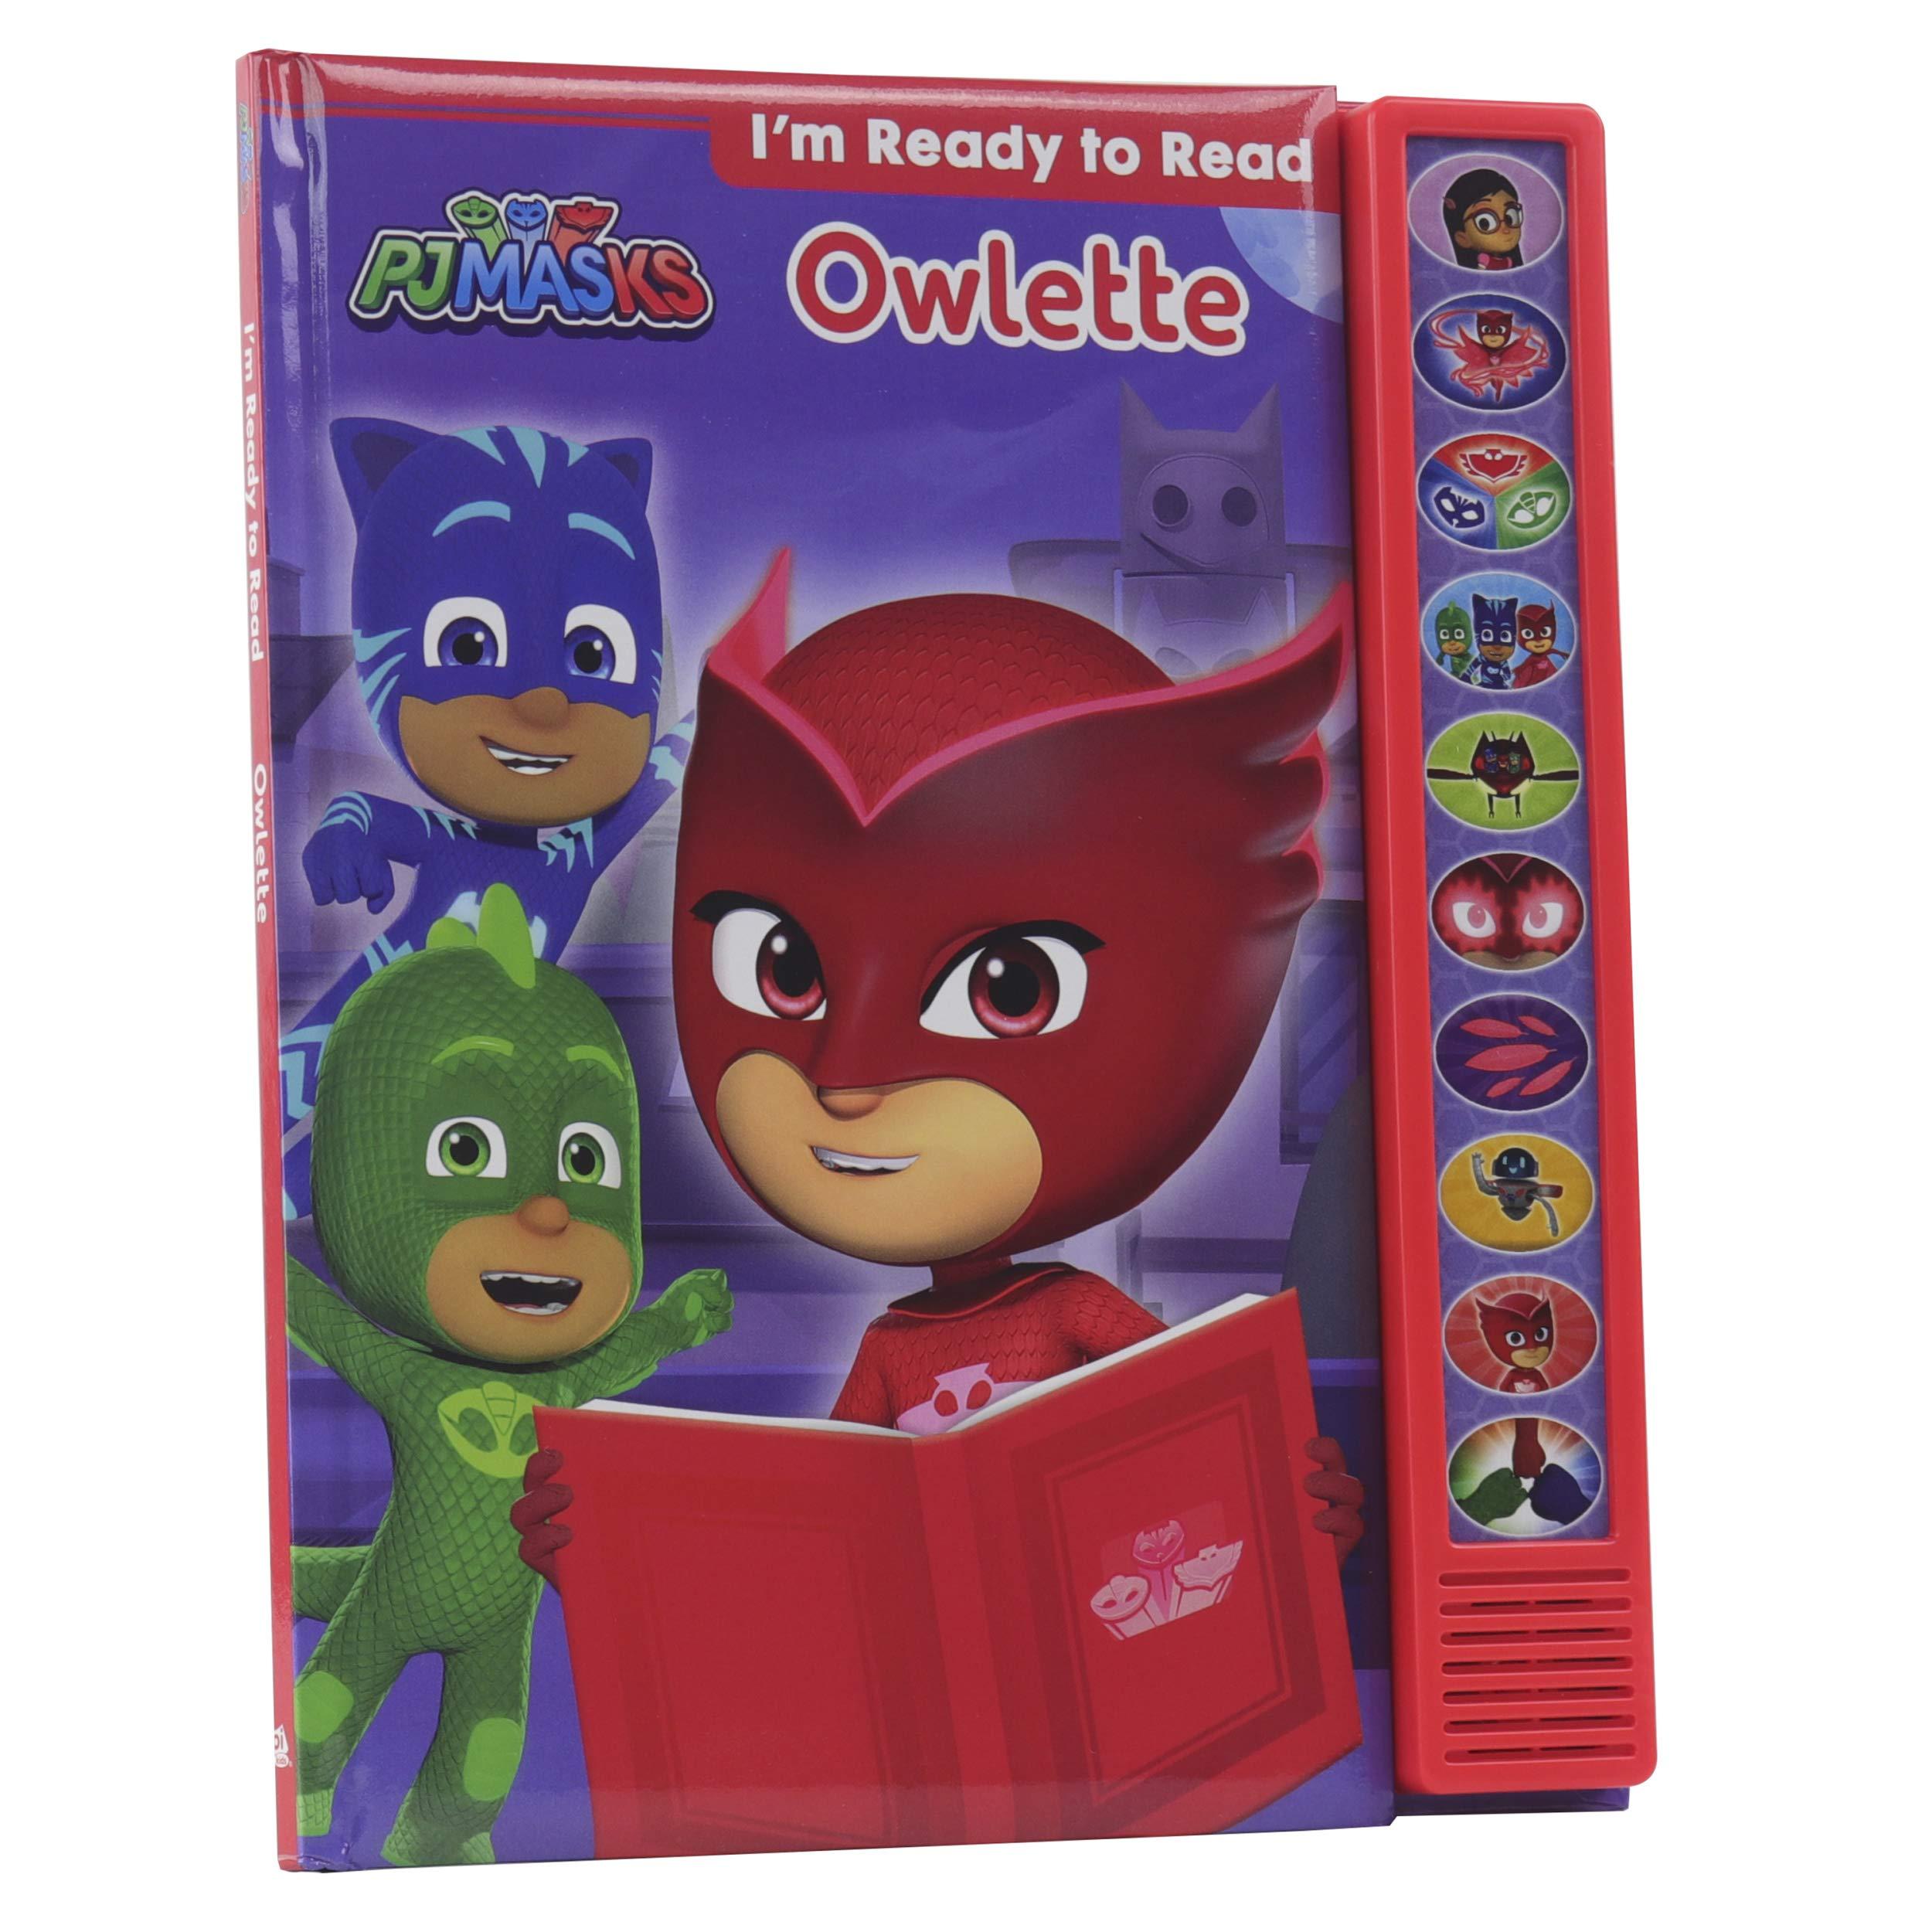 Pj Masks: Owlette: Im Ready to Read (Play-A-Sound) : Pi Kids ...